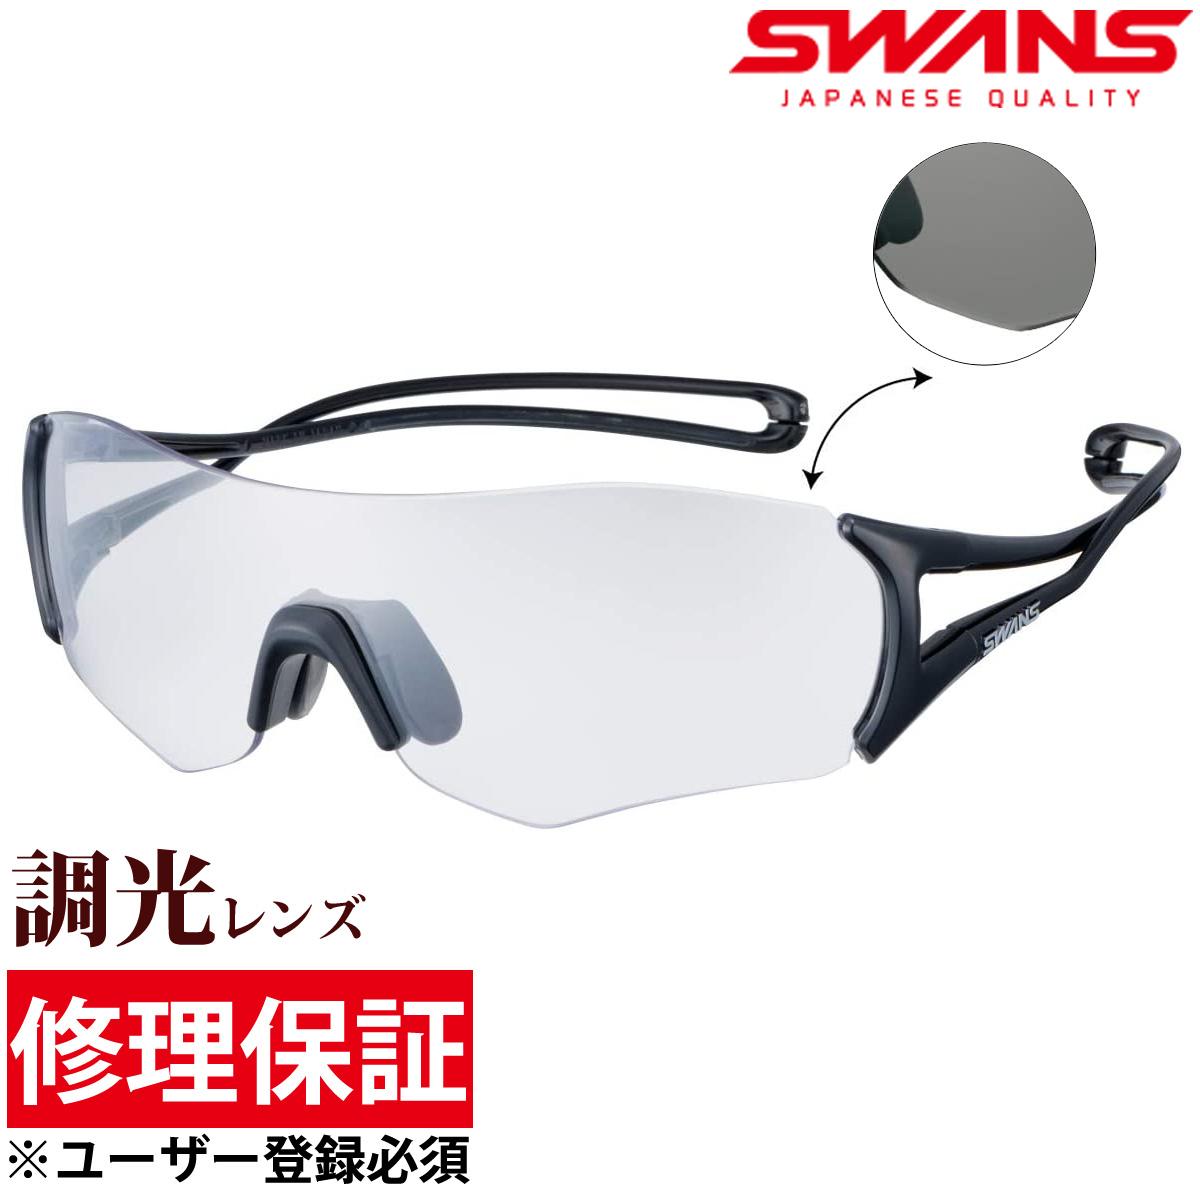 サングラス スワンズ SWANS ブランド 紫外線カット E-NOX EIGHT8 イーノックス エイト 返品不可 スポーツ ゴルフ EN8-0066-BK いつでも送料無料 テニス メンズ 調光レンズモデル 野球 ロードバイク